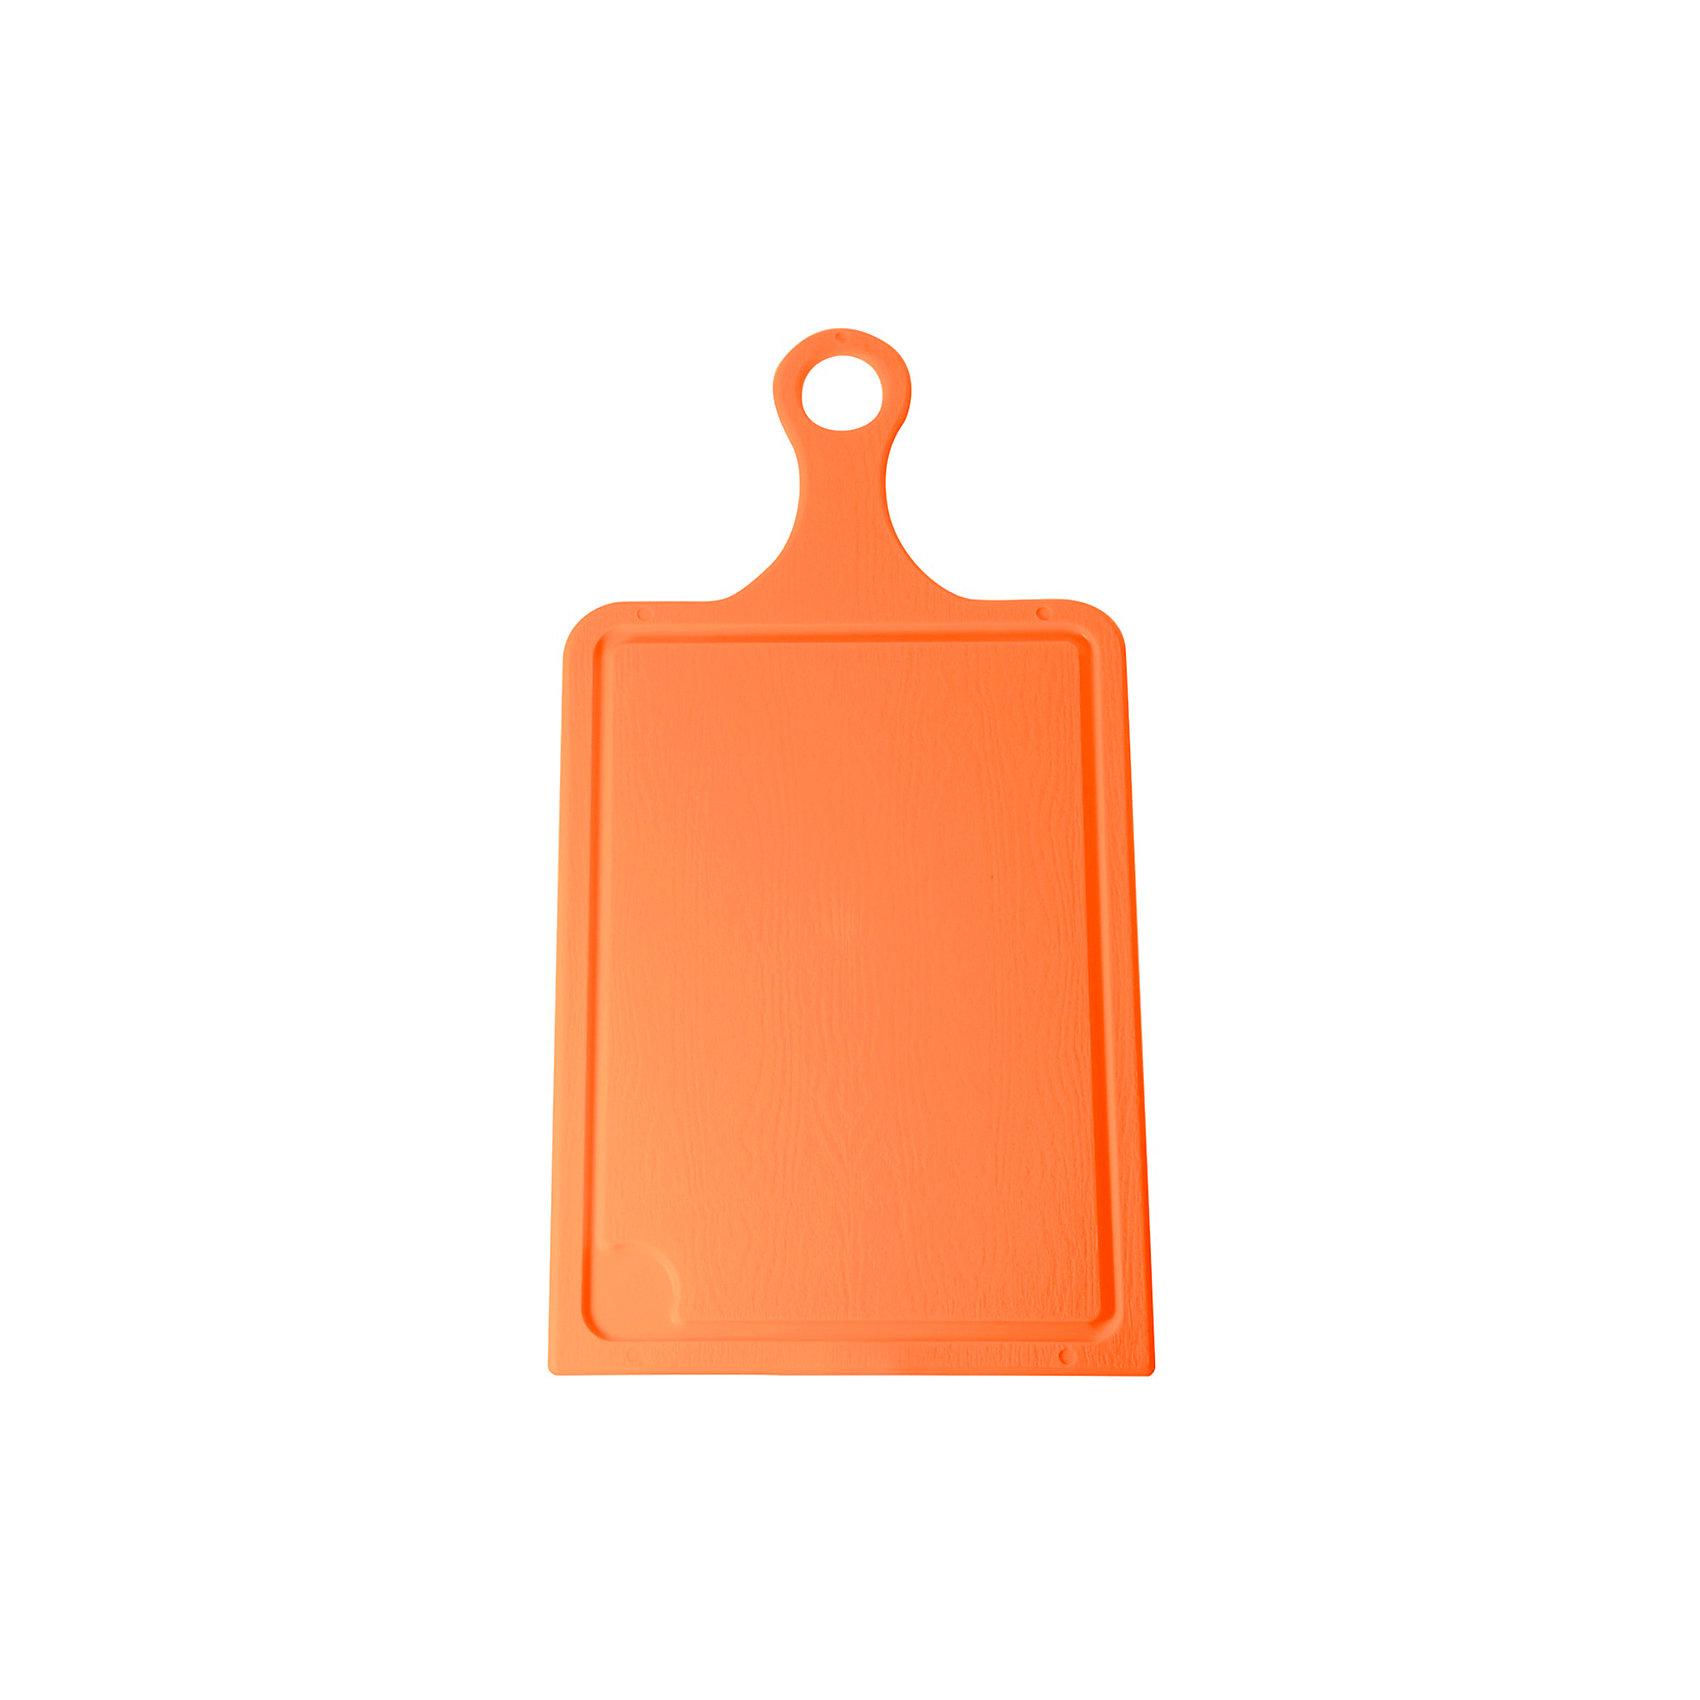 Доска разделочная №3, Plastic CentreПосуда<br>Разделочная доска может применяться для различных видов продуктов. Каждая доска снабжена желобком для стока жидкости для удобства применения. Доска не впитывает запахи, устойчива к воздействию ножом, благодаря чему изделие более долговечно. На кухне рекомендовано иметь несколько досок для различных видов продуктов: мяса, рыбы, хлеба и овощей.<br><br>Ширина мм: 350<br>Глубина мм: 190<br>Высота мм: 6<br>Вес г: 219<br>Возраст от месяцев: 216<br>Возраст до месяцев: 1188<br>Пол: Унисекс<br>Возраст: Детский<br>SKU: 5545671